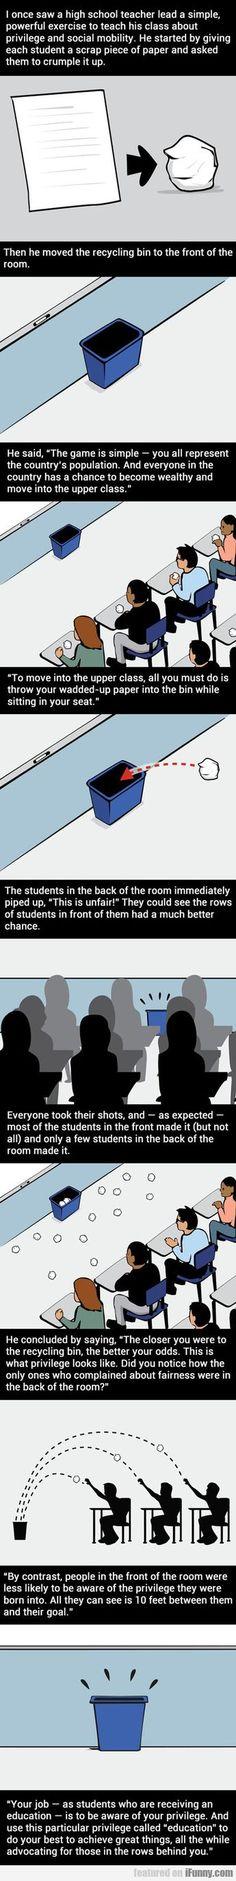 I Once Saw A Highschool Teacher Lead An Exercise..